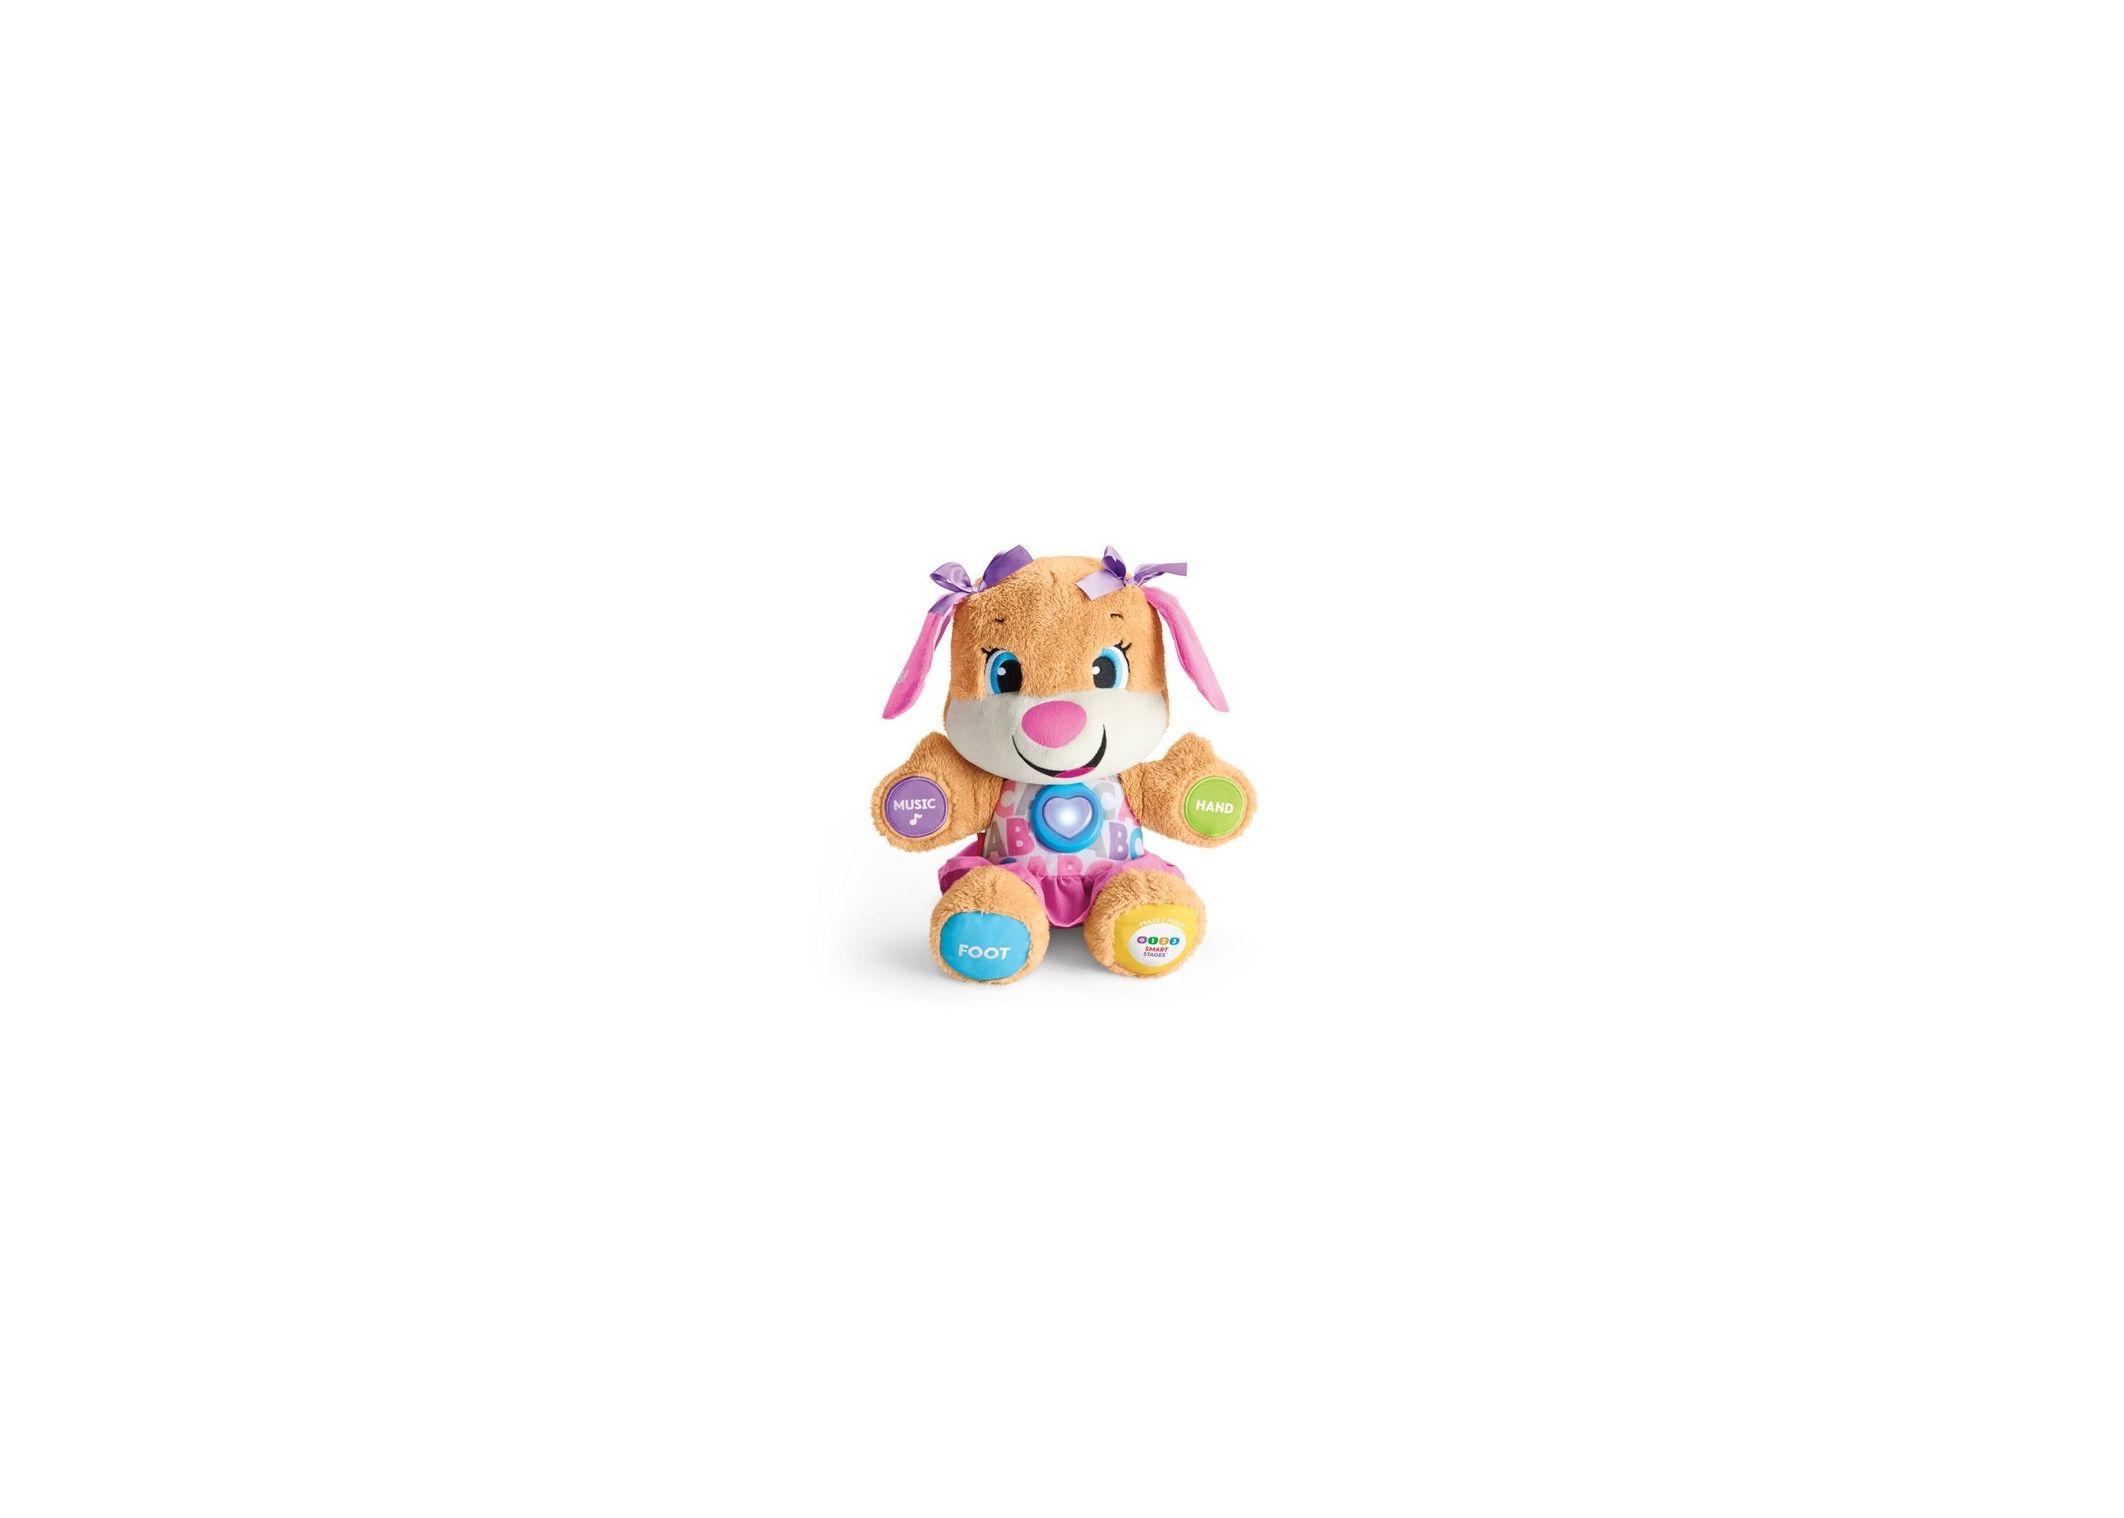 Jeux d'éveil Chien Progressif Puppy's sister Fisher Price